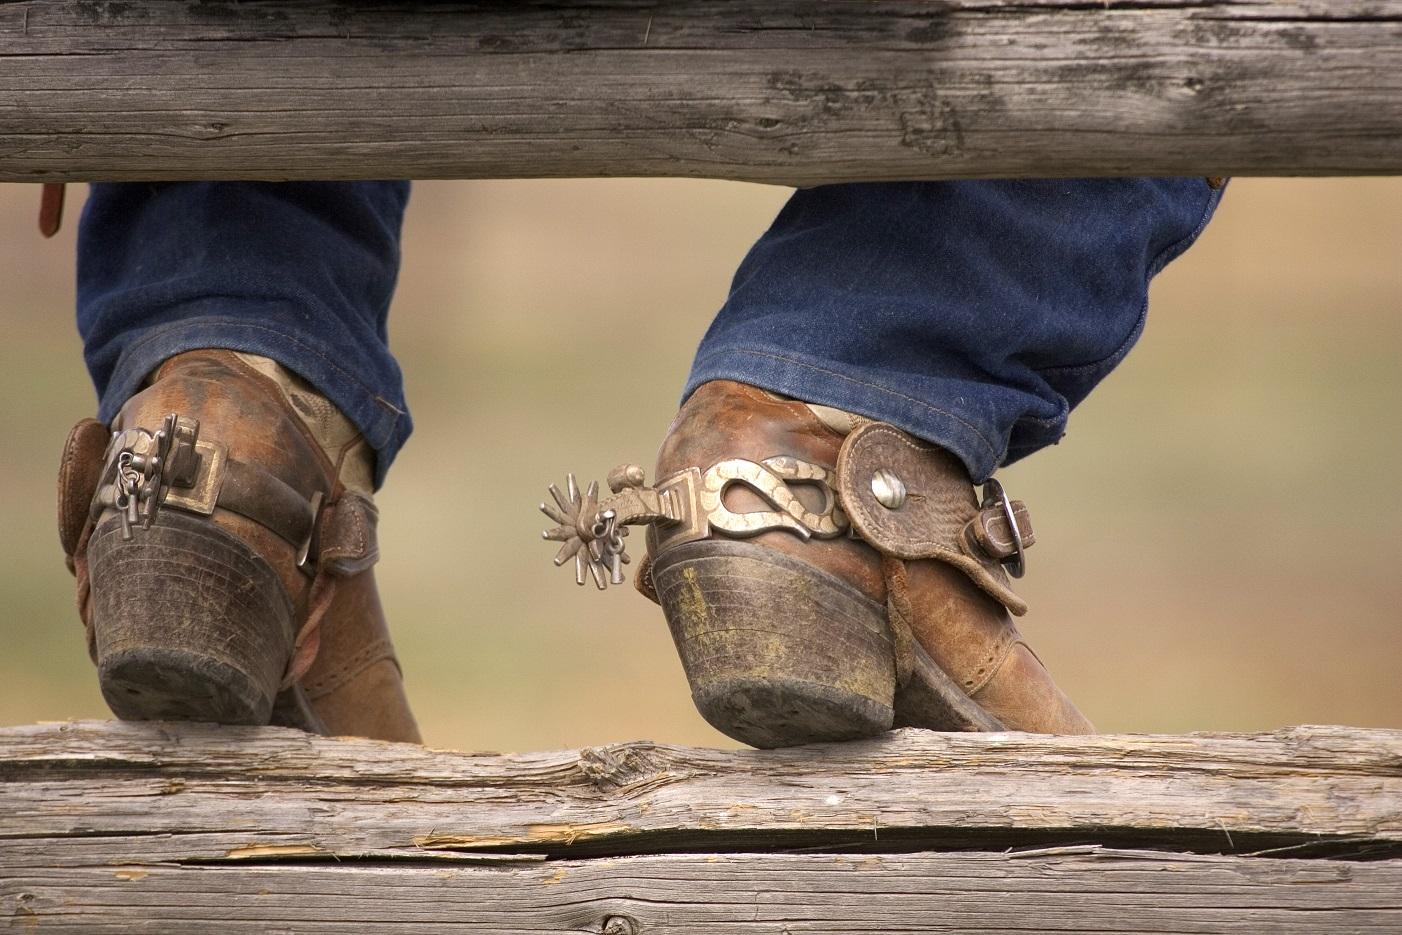 Cowboy Boot Heel Replacement